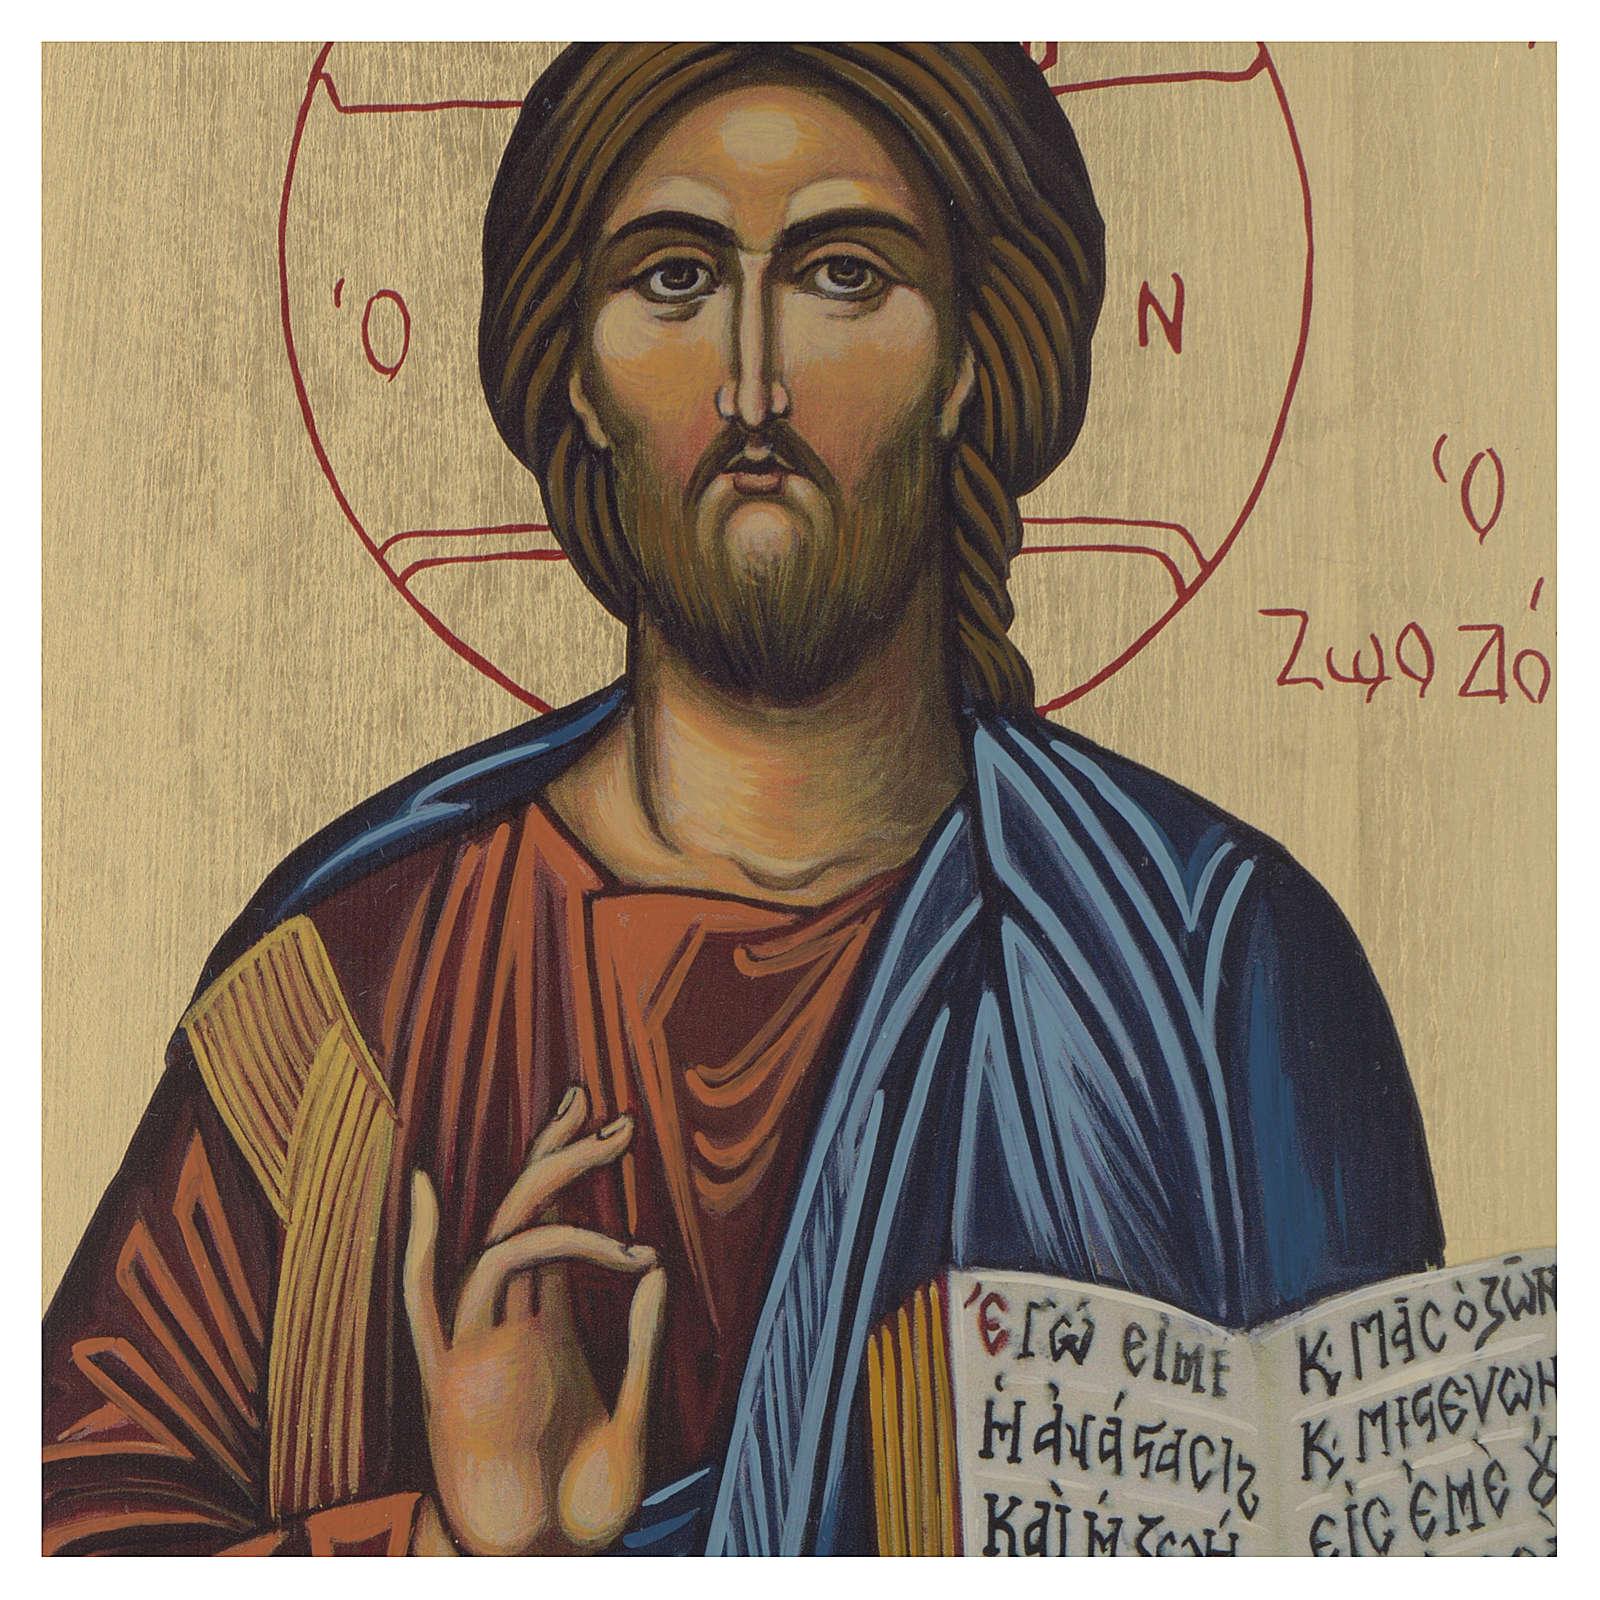 Icône byzantine Christ Pantocrator 24x18 cm peinte main sur bois 4